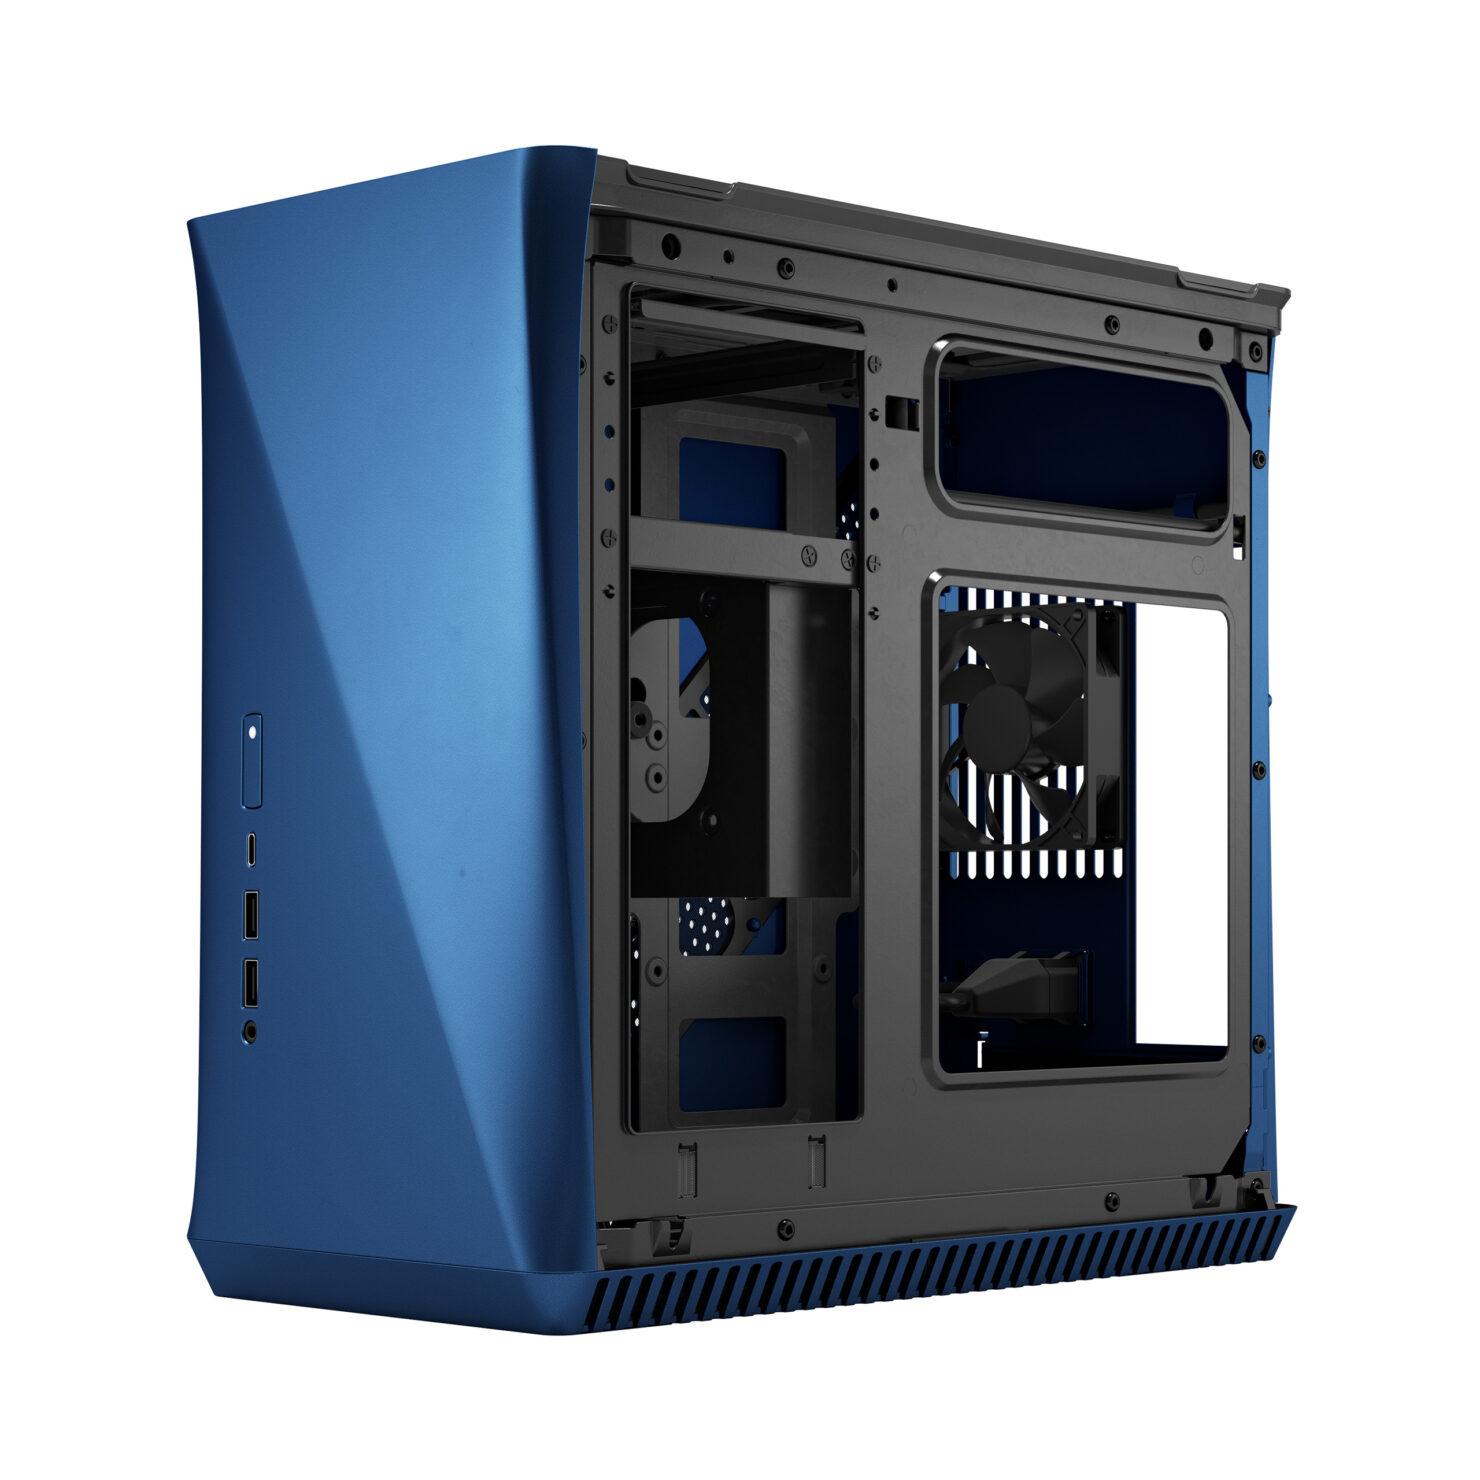 eraitx_iso_below_left_open_product_blue